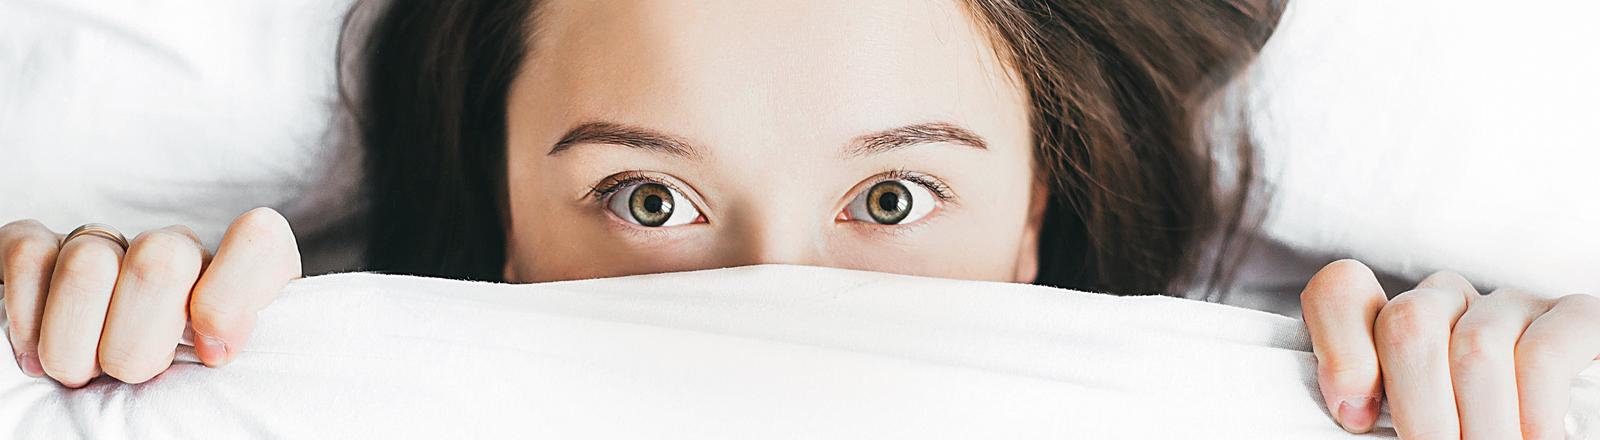 Eine Frau liegt im Bett und hat die Bettdecke bis über die Nase hochgezogen